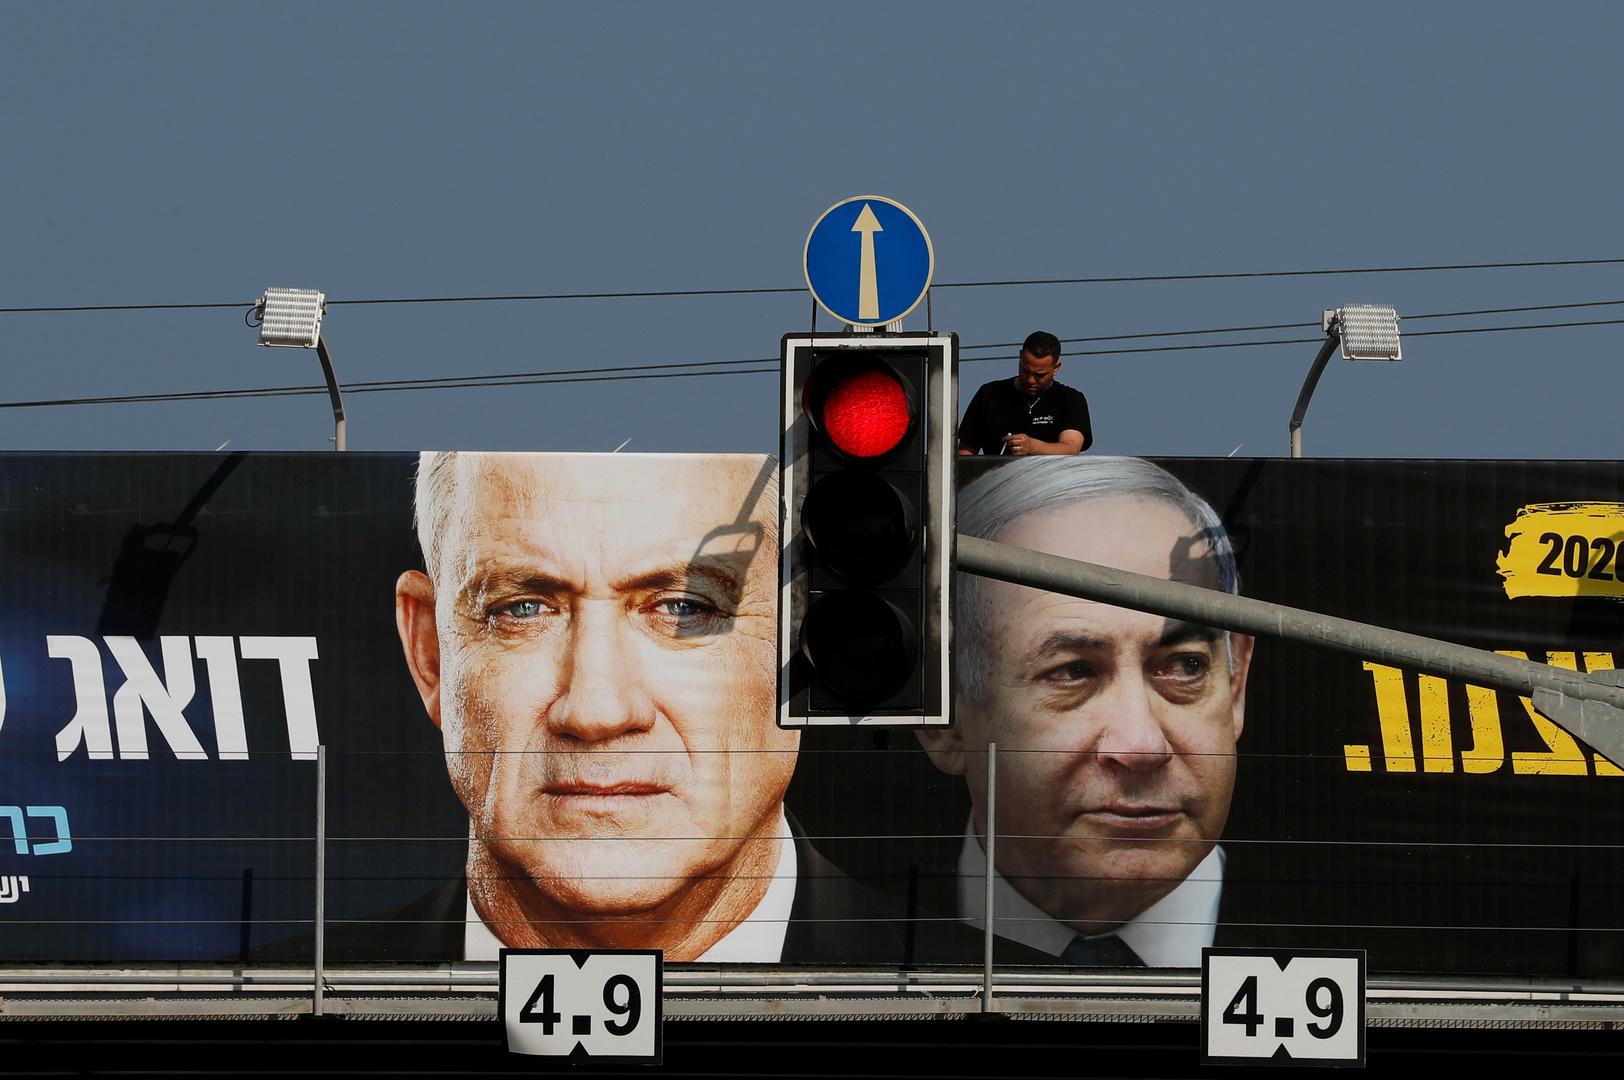 استطلاع رأي: من يفضل الإسرائيليون لتولي رئاسة الوزراء؟